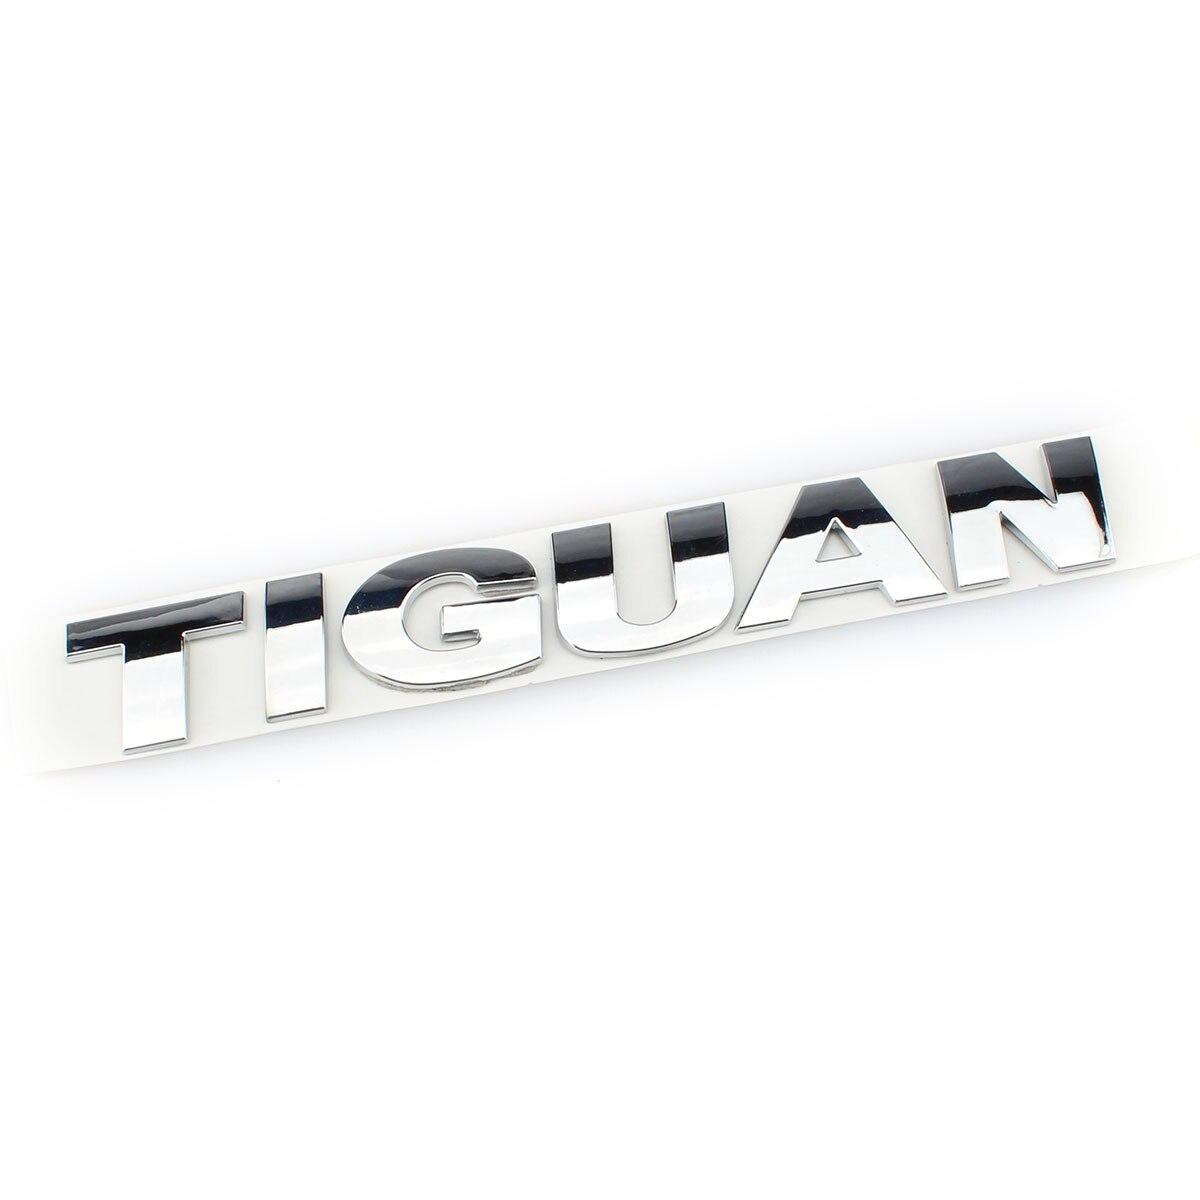 OEM Argent Chrome Arrière Tronc Couvercle Badge Sticker Autocollant TIGUAN pour VW Emblème Nouveau